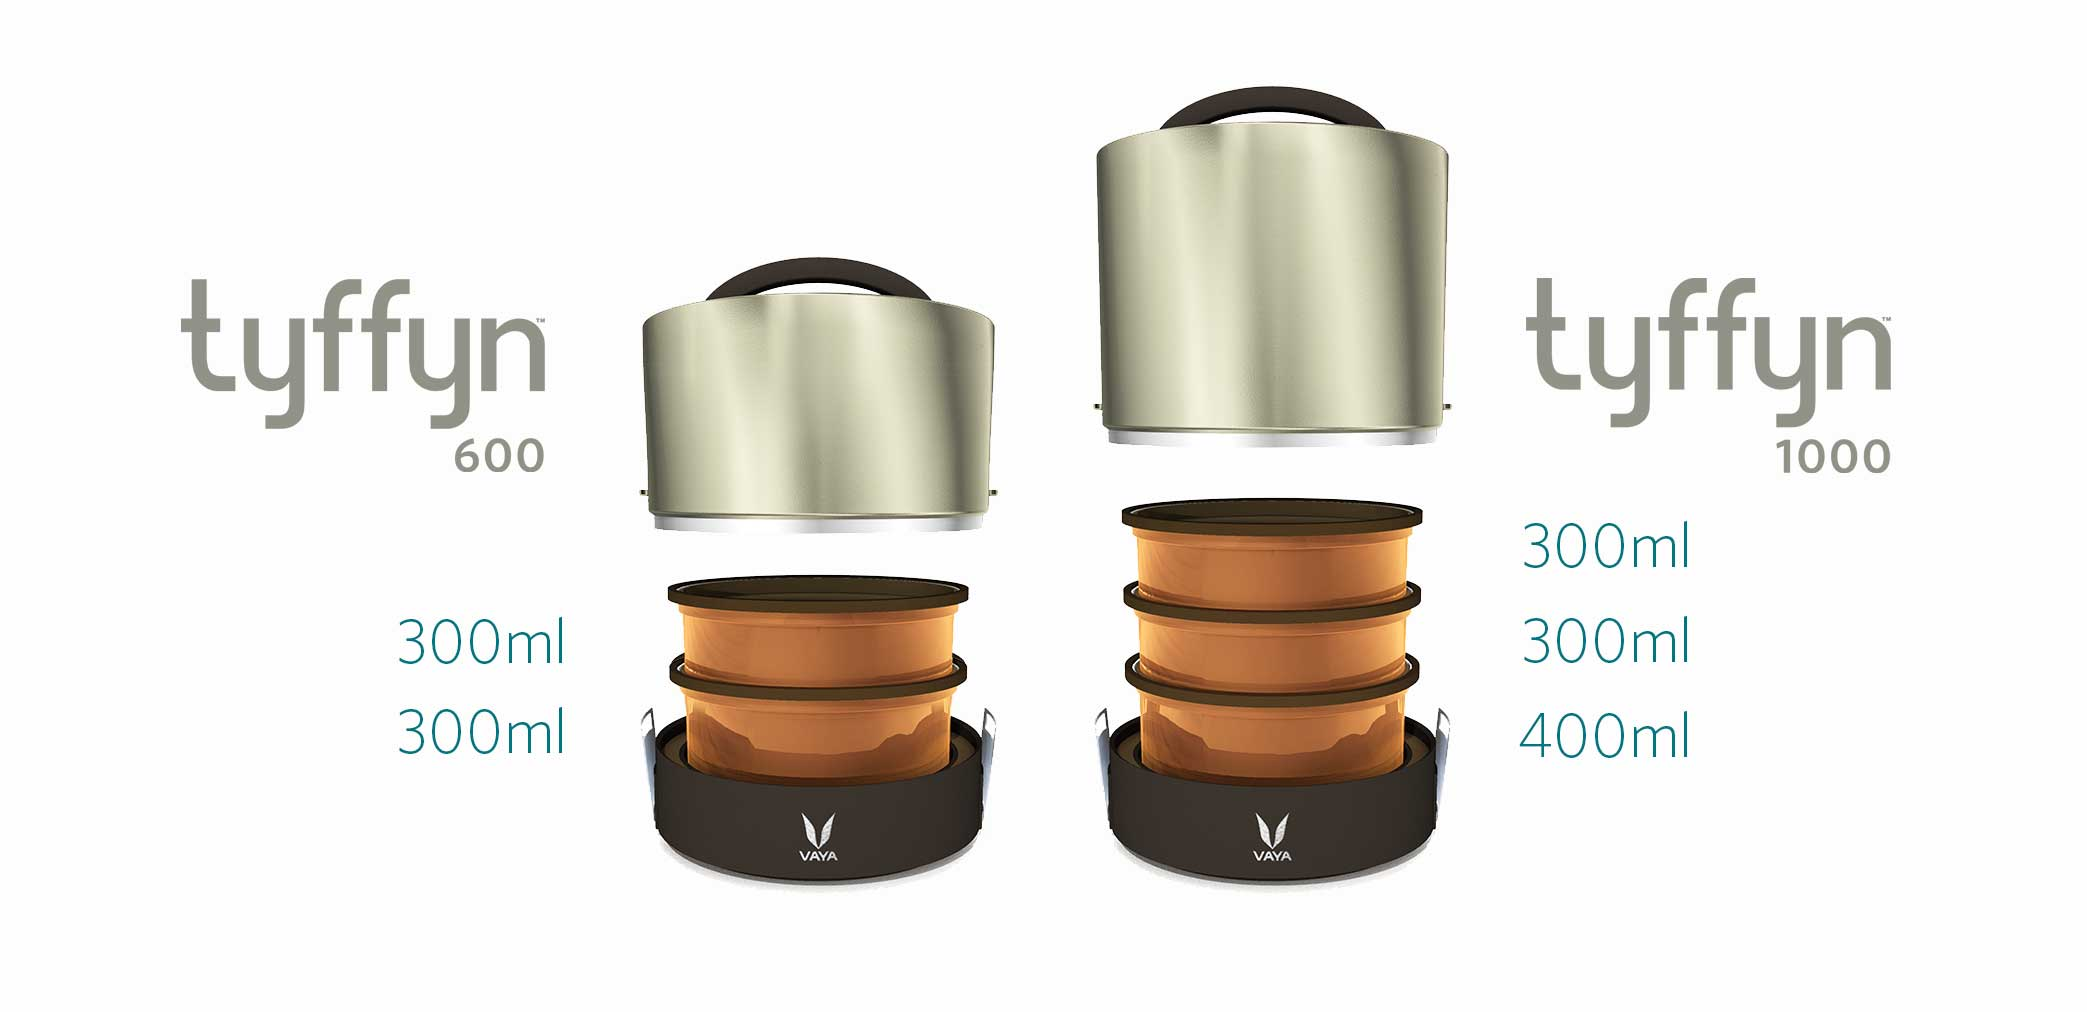 container-comparison-2